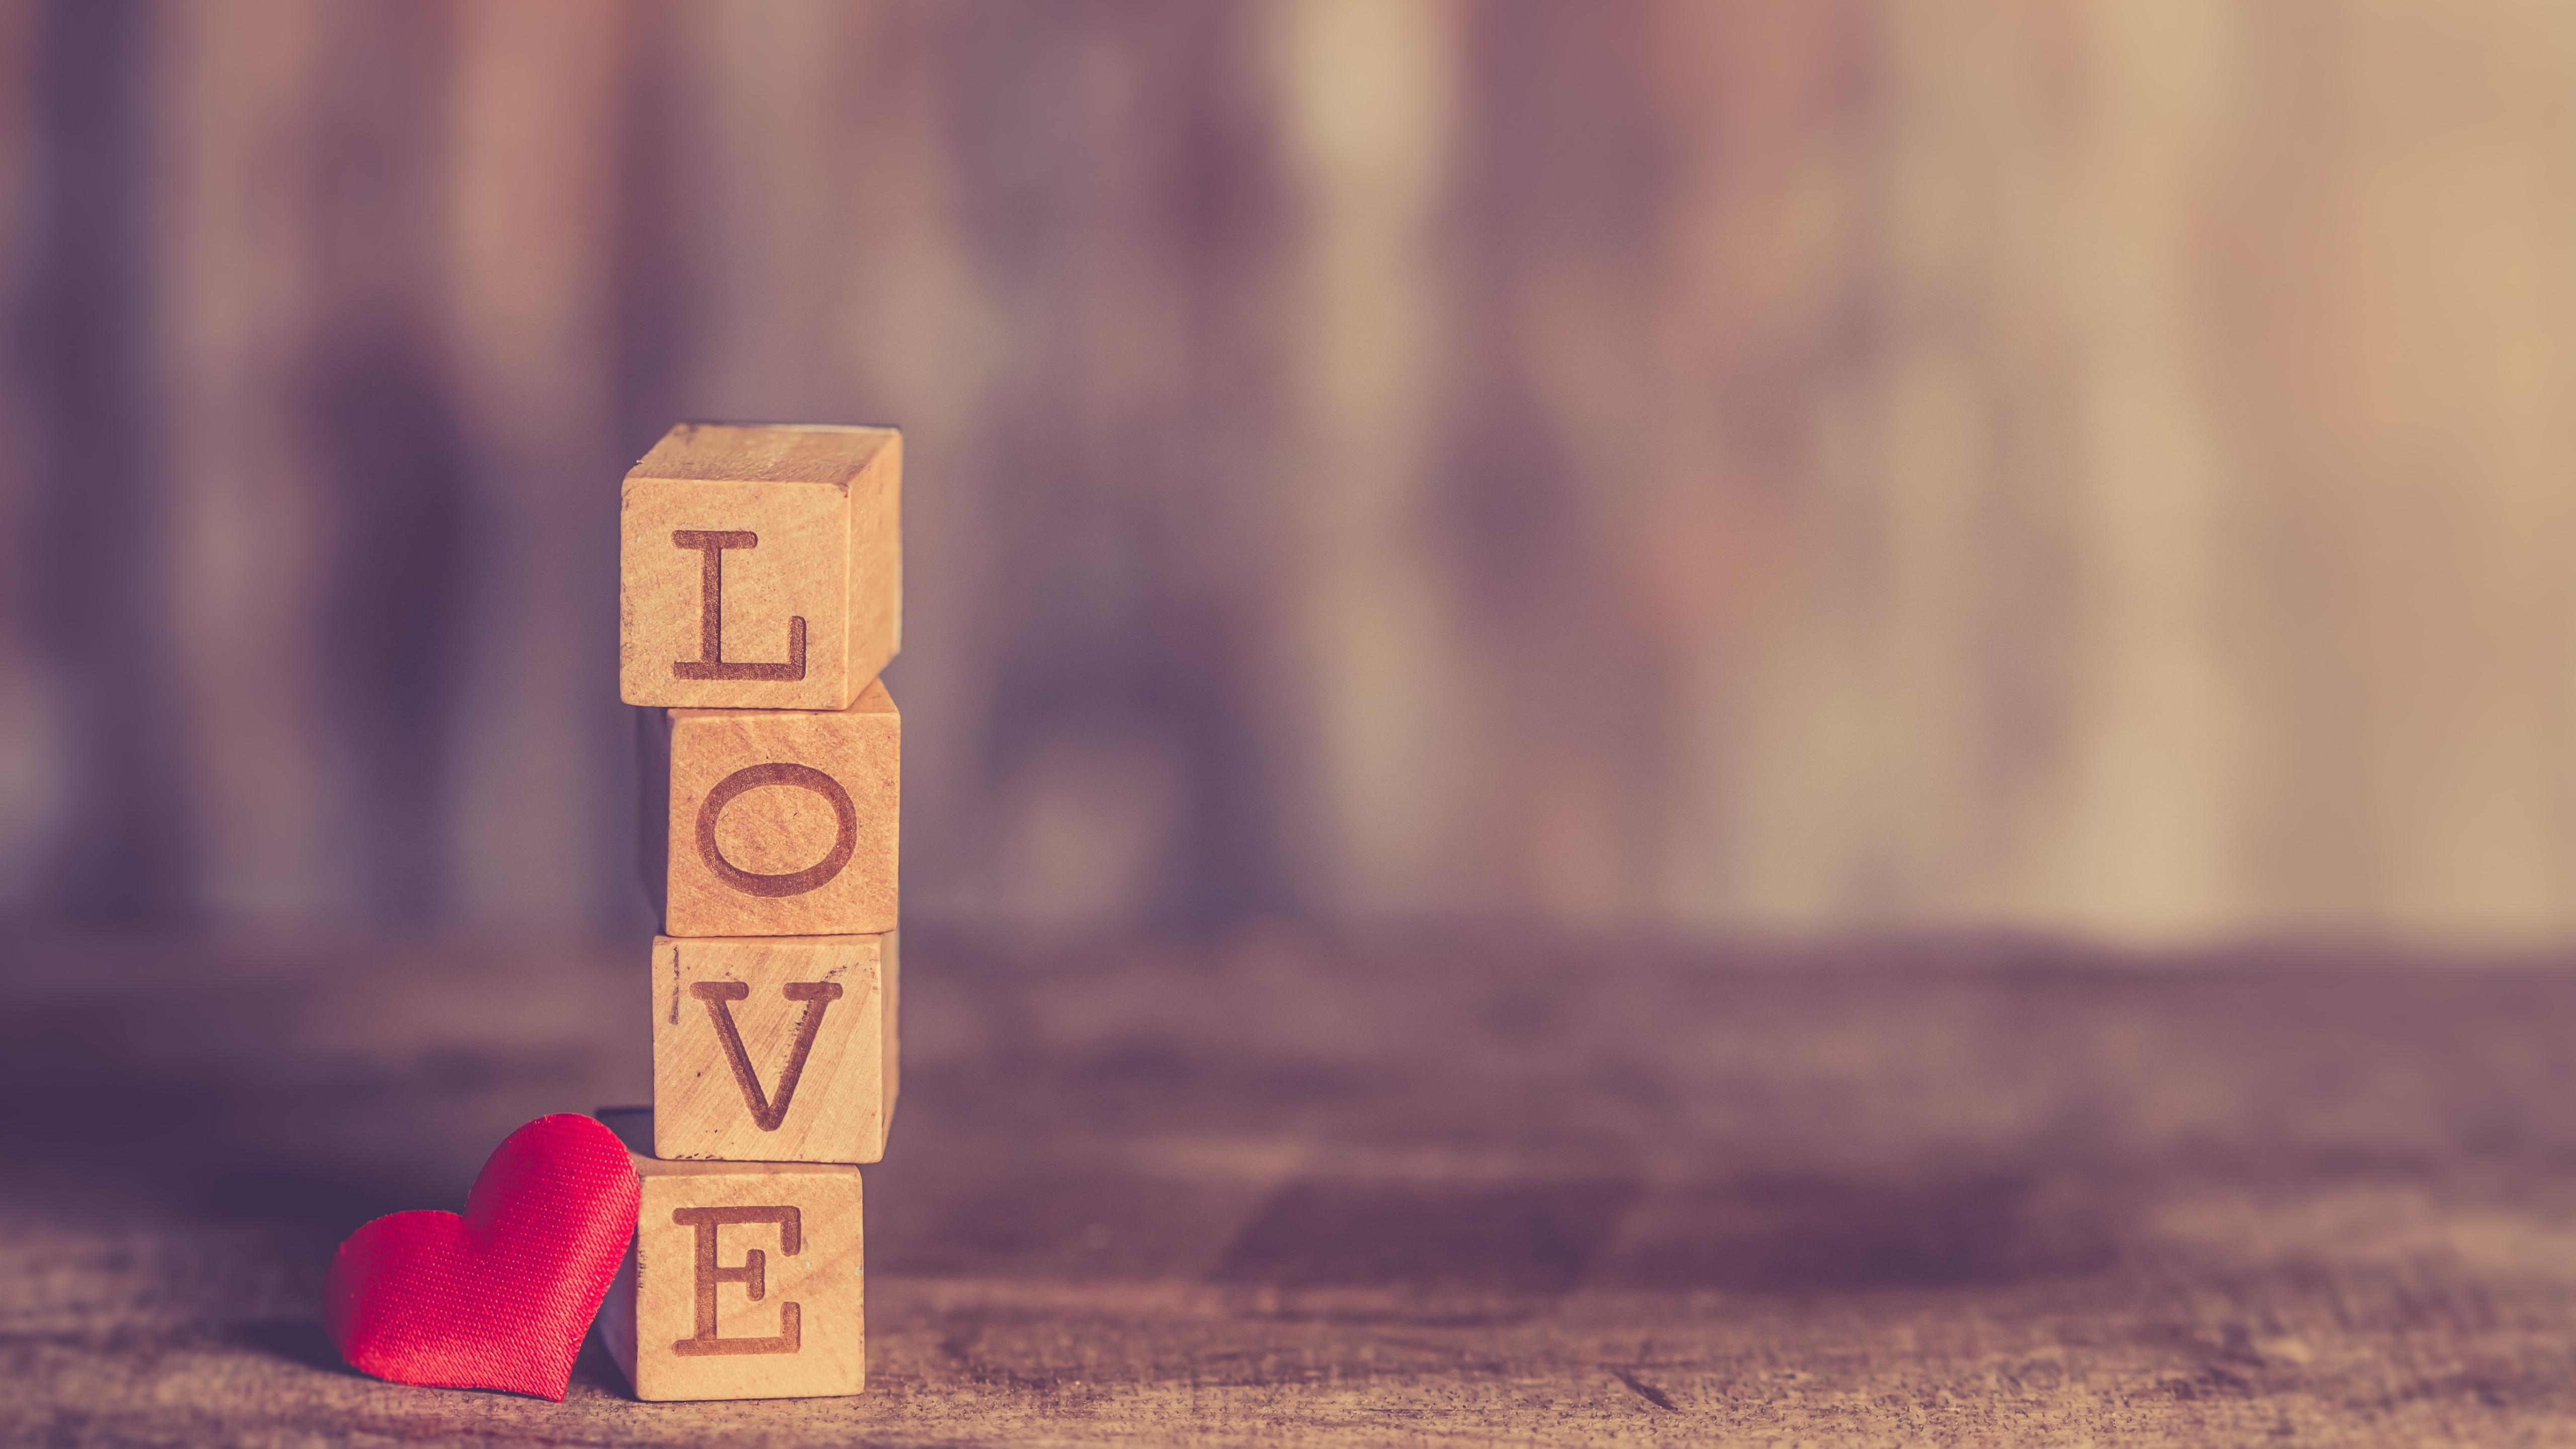 LOVE scrabble letters wallpaper